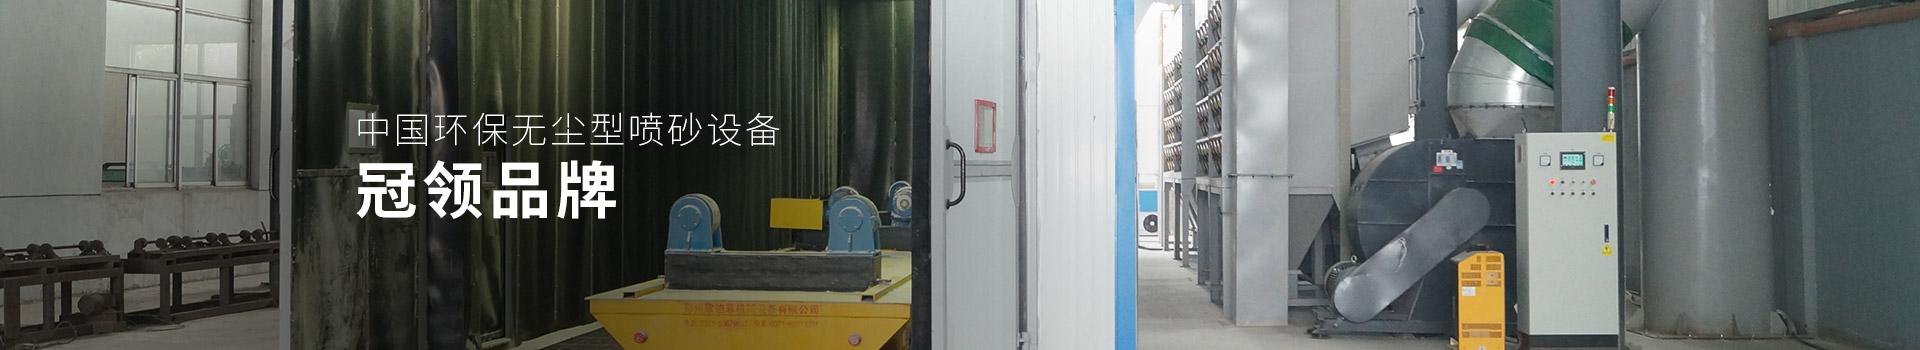 泰盛机械-中国环保无尘型喷砂设备冠领品牌